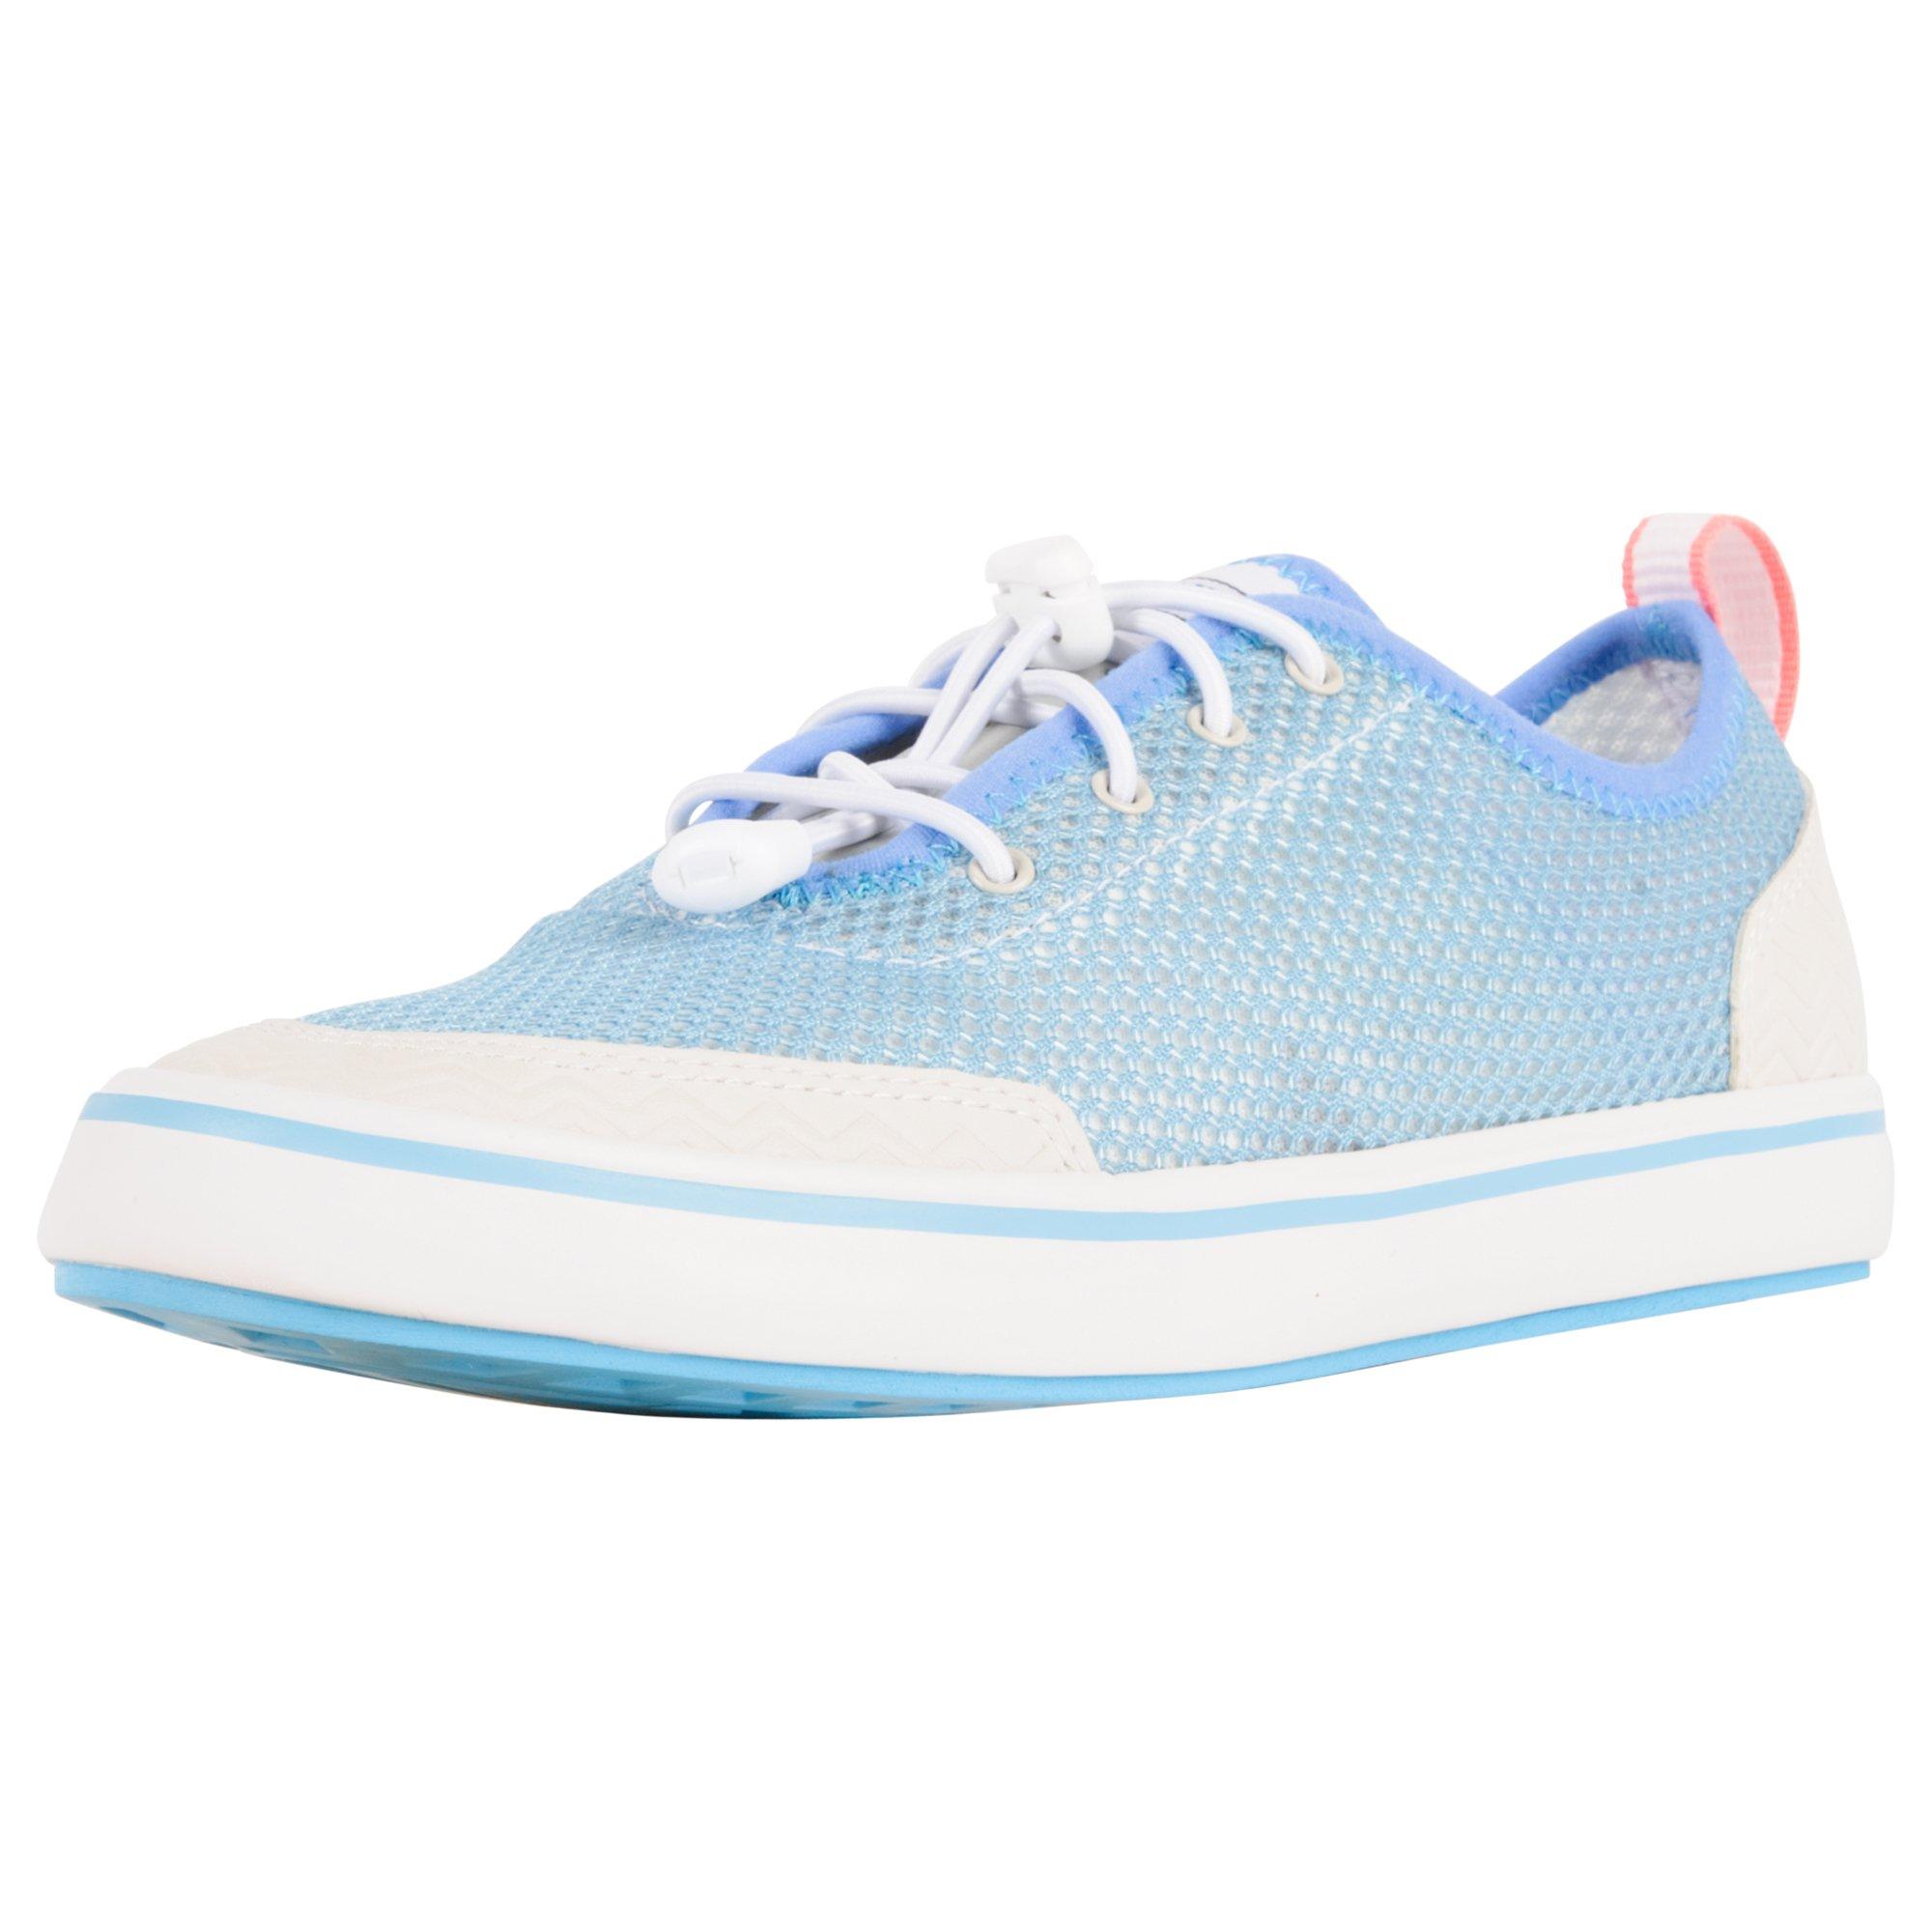 XTRATUF Riptide Women's Airmesh Deck Shoes, Blue & White (22202)